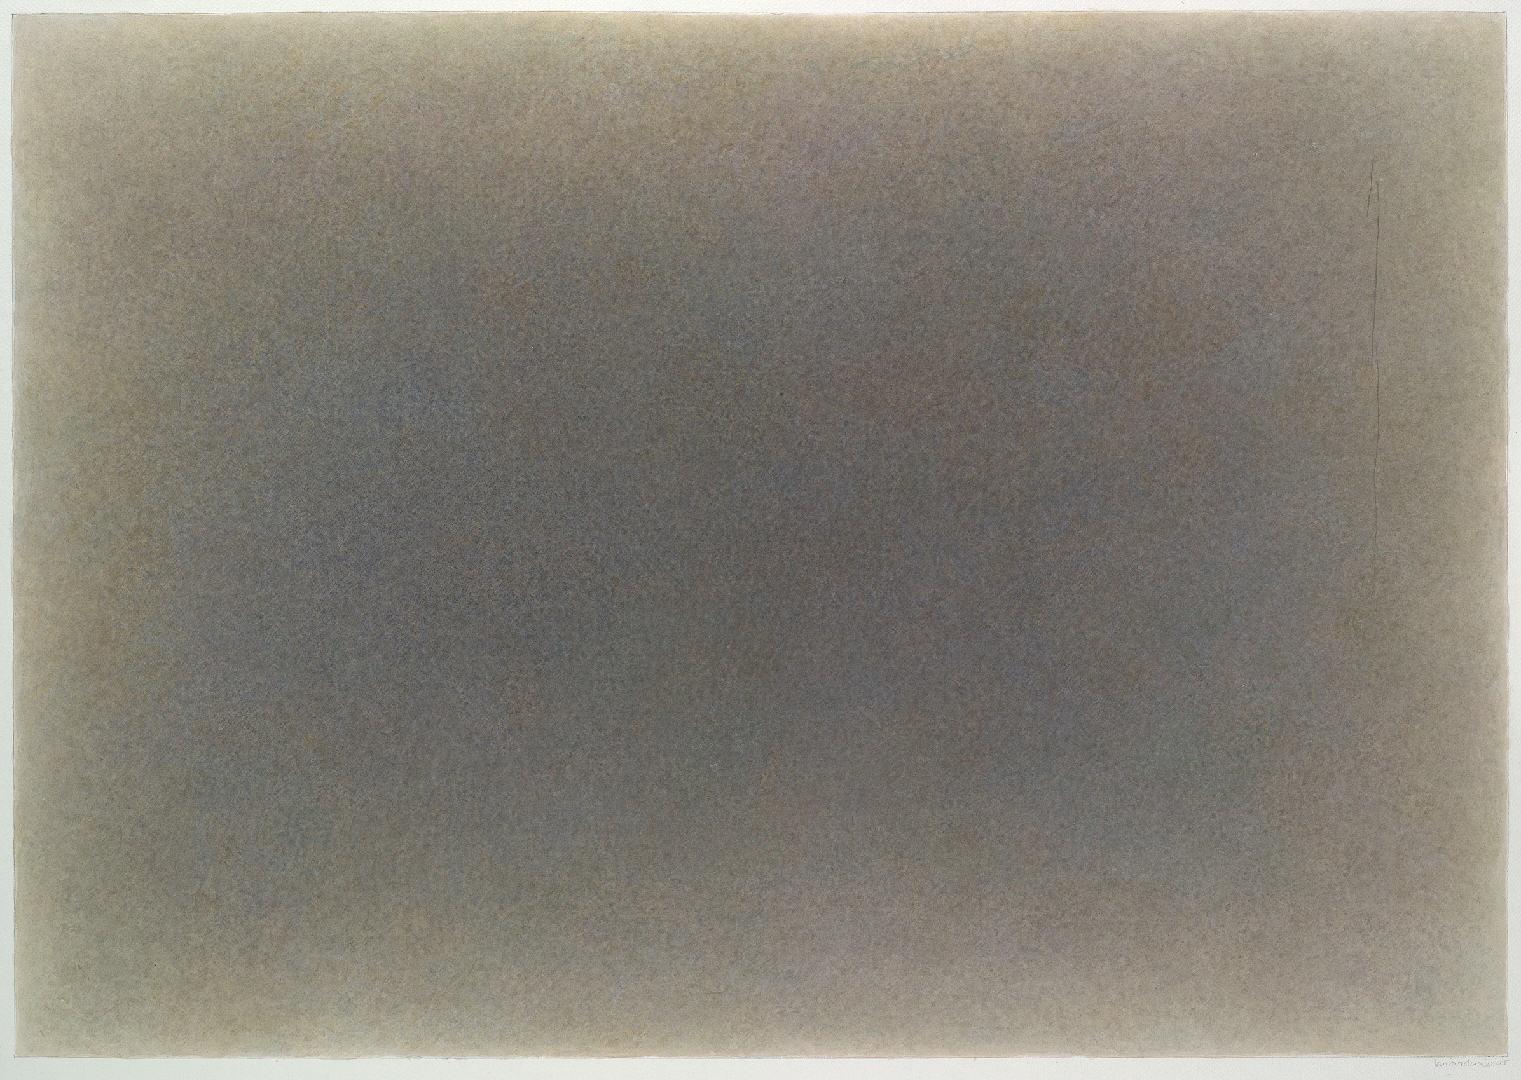 2013 On (70 X 100 cm) 17049w